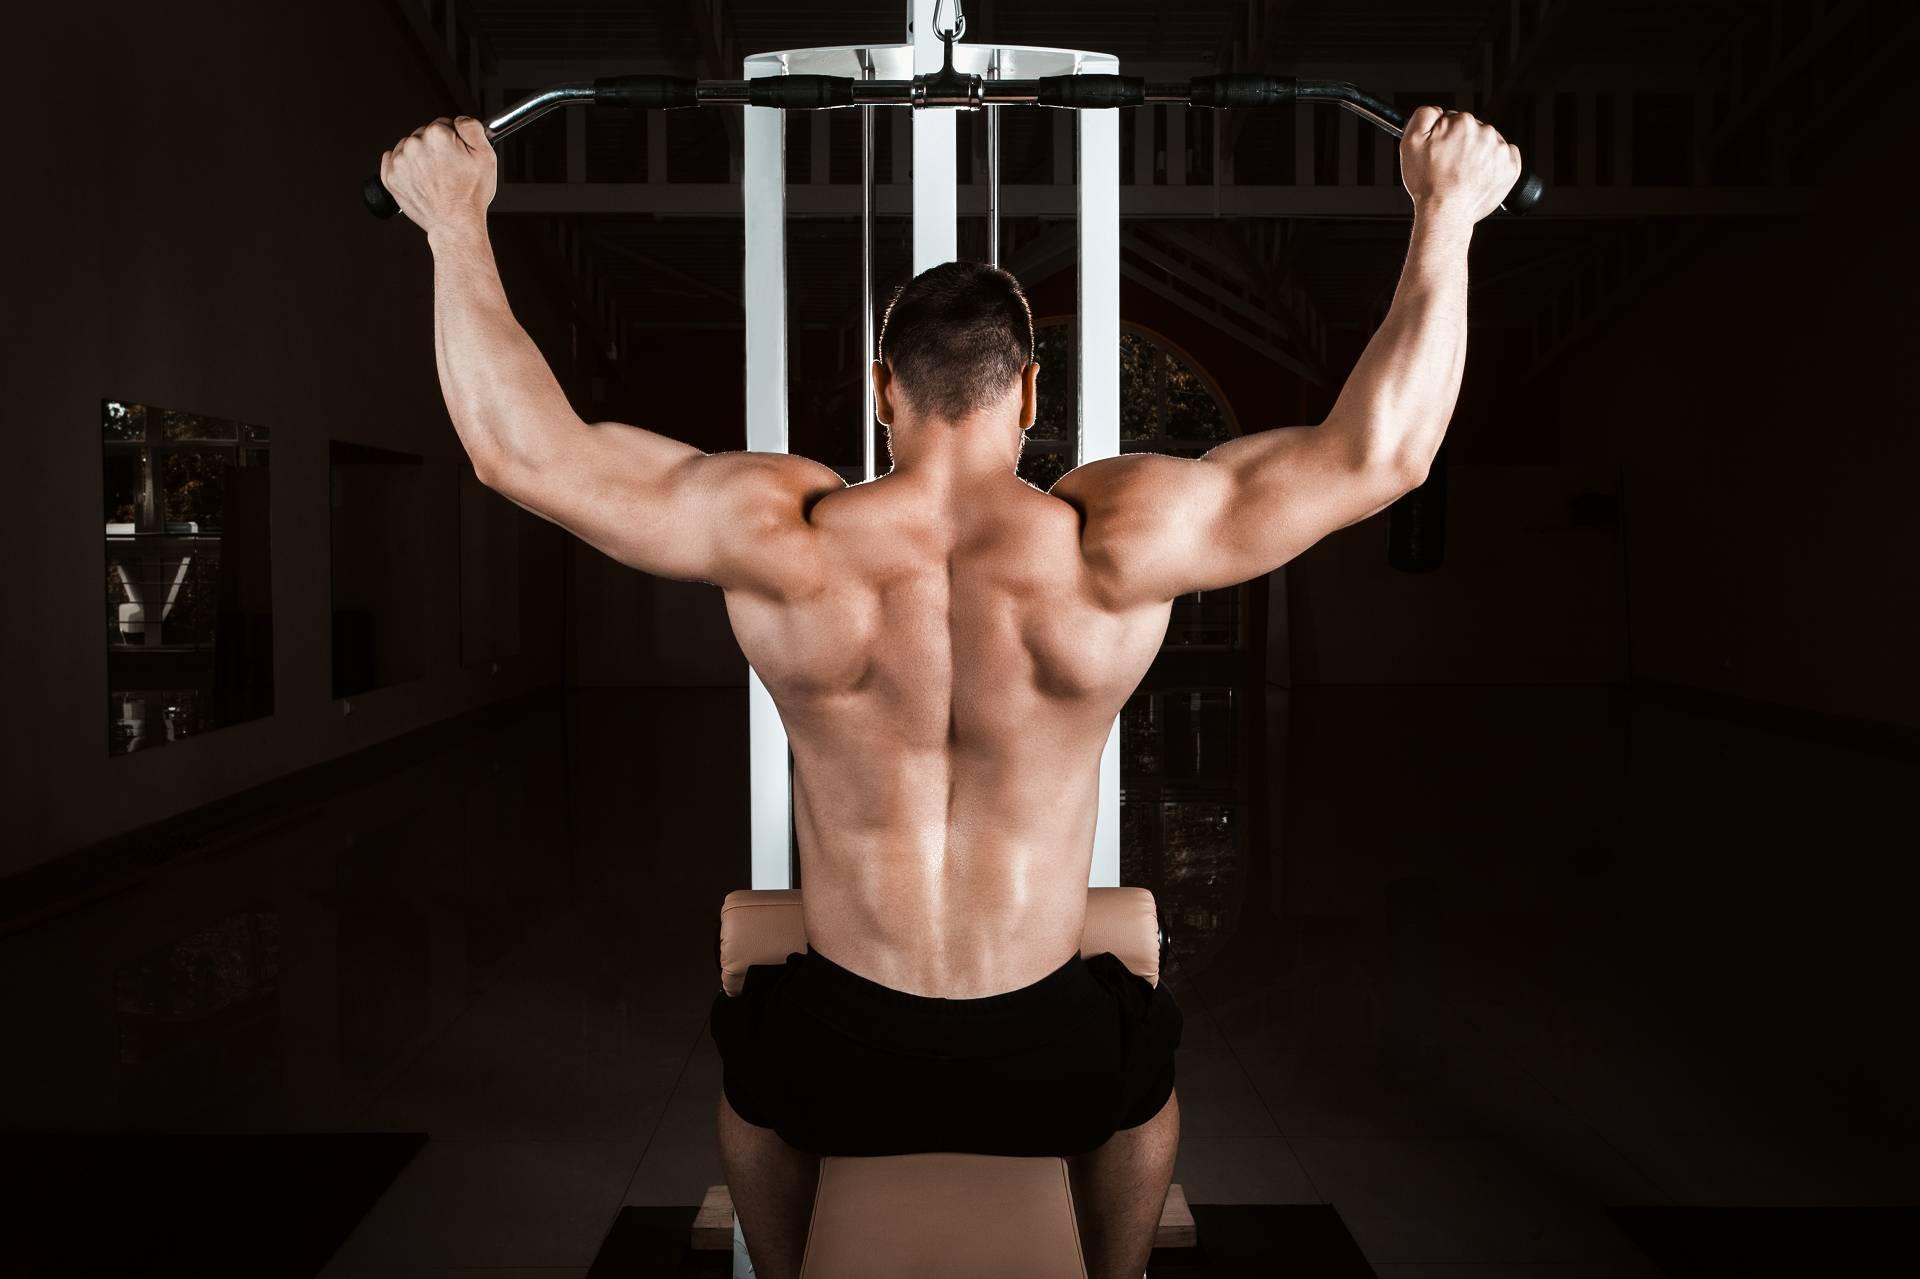 Kraftsport bei kohlenhydratarmer Ernährung: Niedrige Glykogenspeicher hemmen nicht die Muskelproteinsynthese